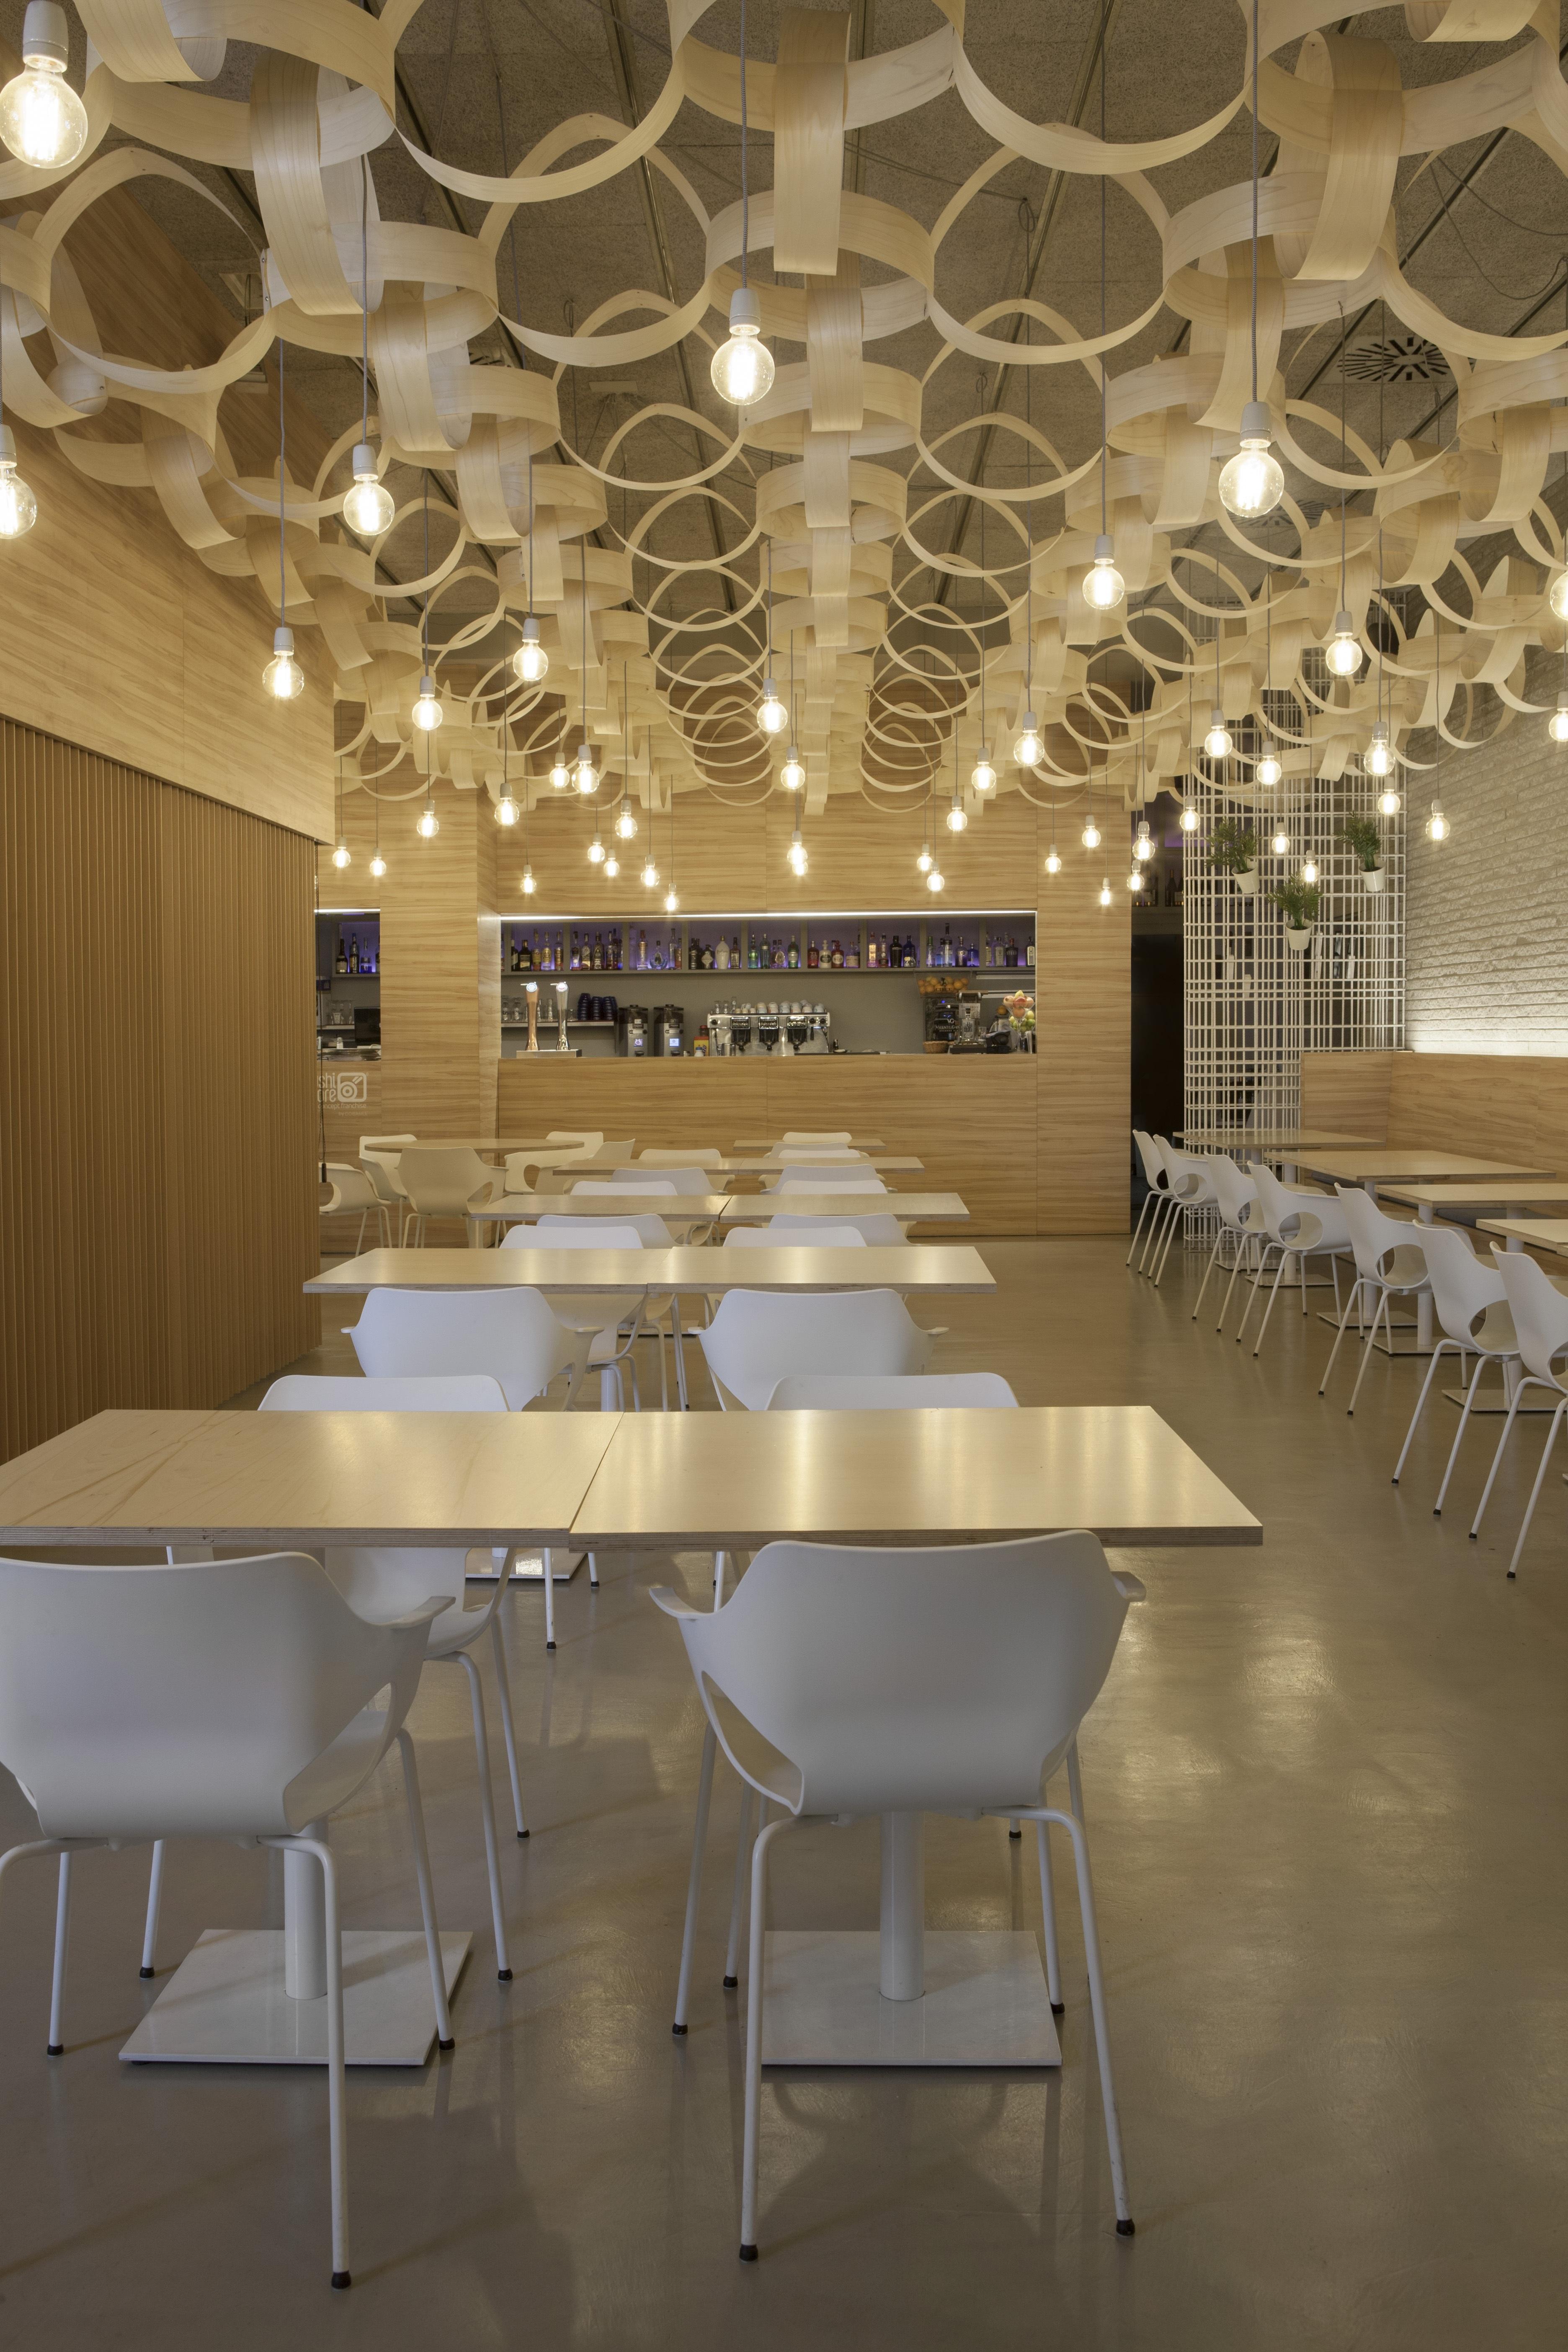 fotos gratis cafetera madera blanco restaurante bar techo decoracin habitacin iluminacin diseo de interiores estar lmparas concepto